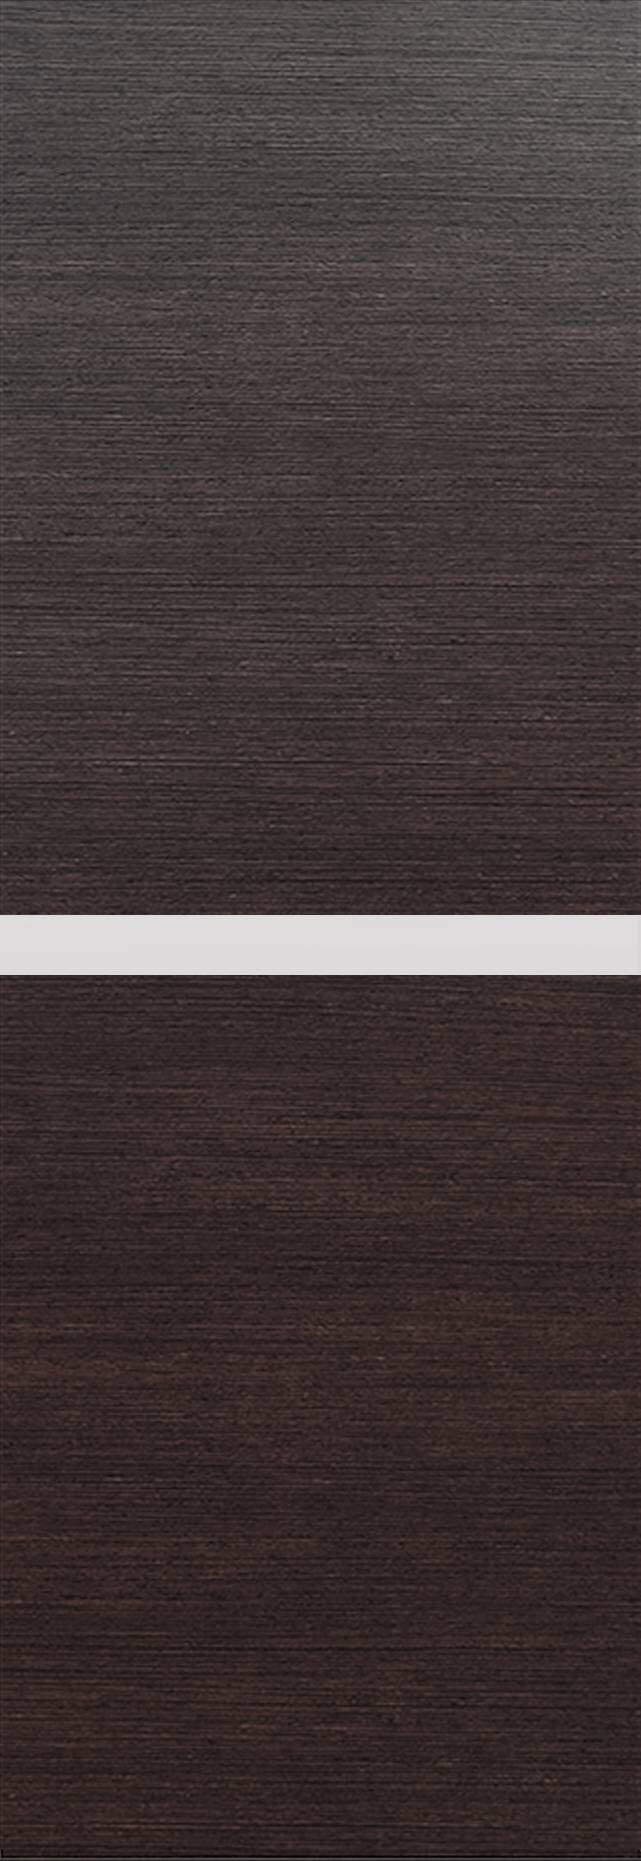 Tivoli Б-4 Invisible цвет - Венге Шоколад Без стекла (ДГ)